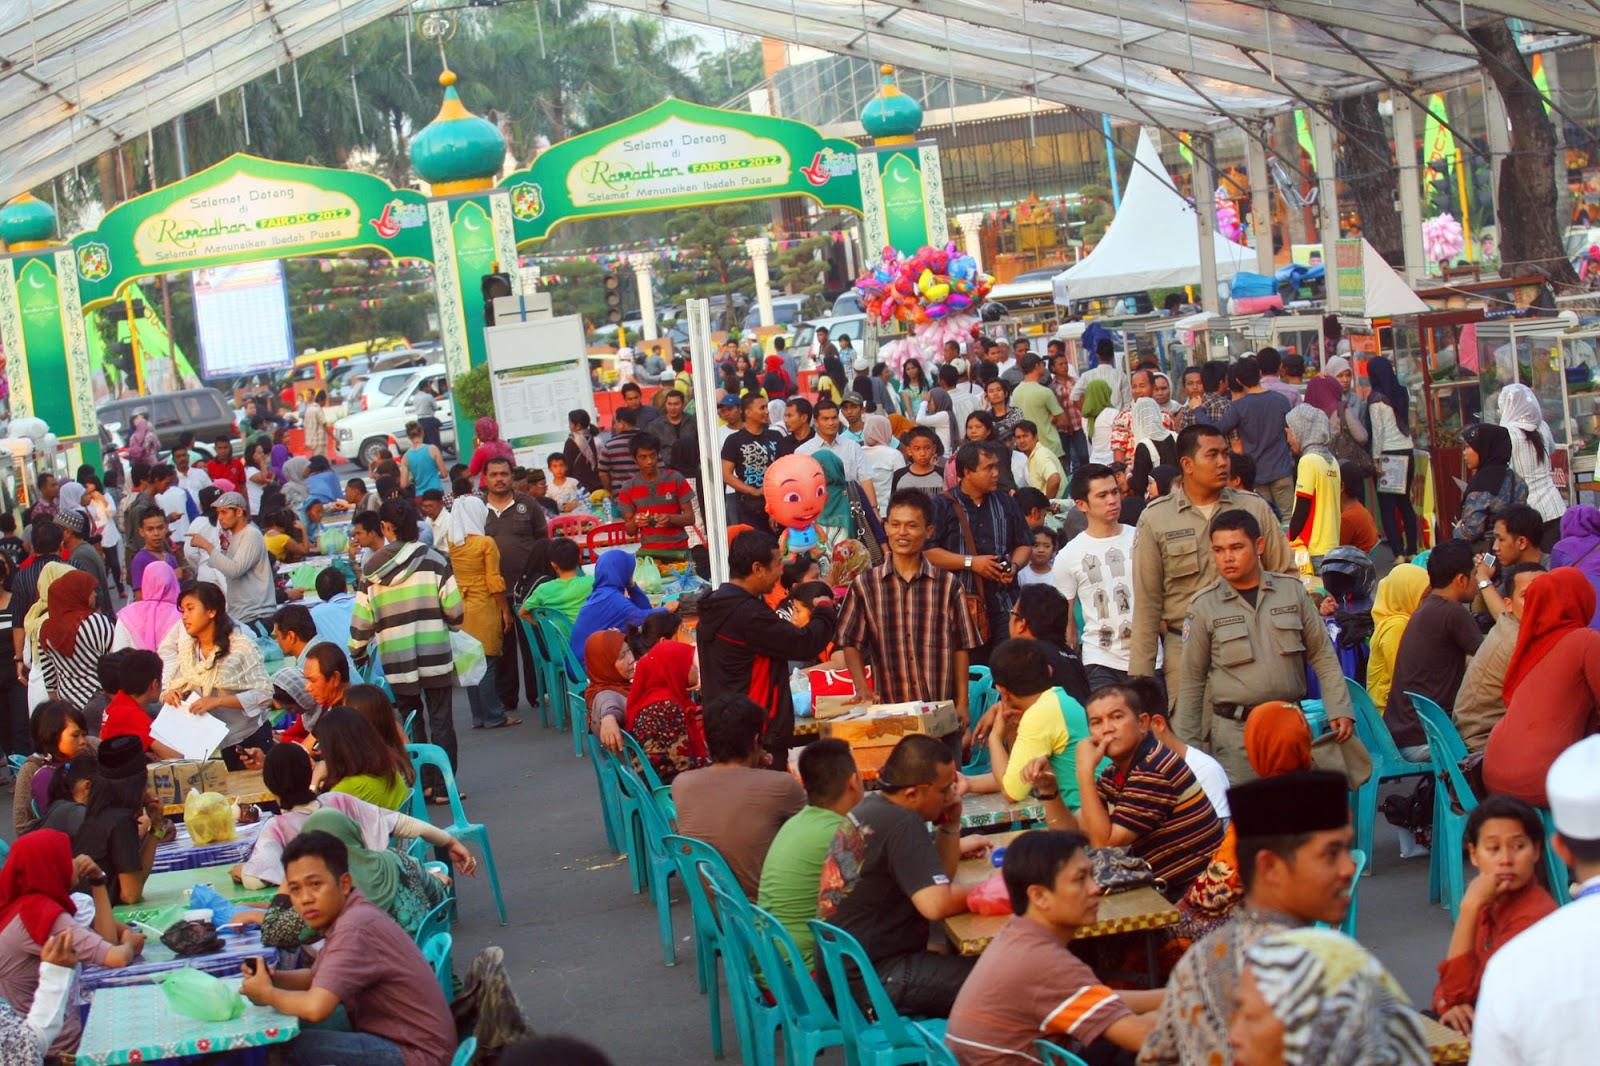 Starberita Cepat Akurat Ramadhan Fair Diisi 198 Stand Taman Sri